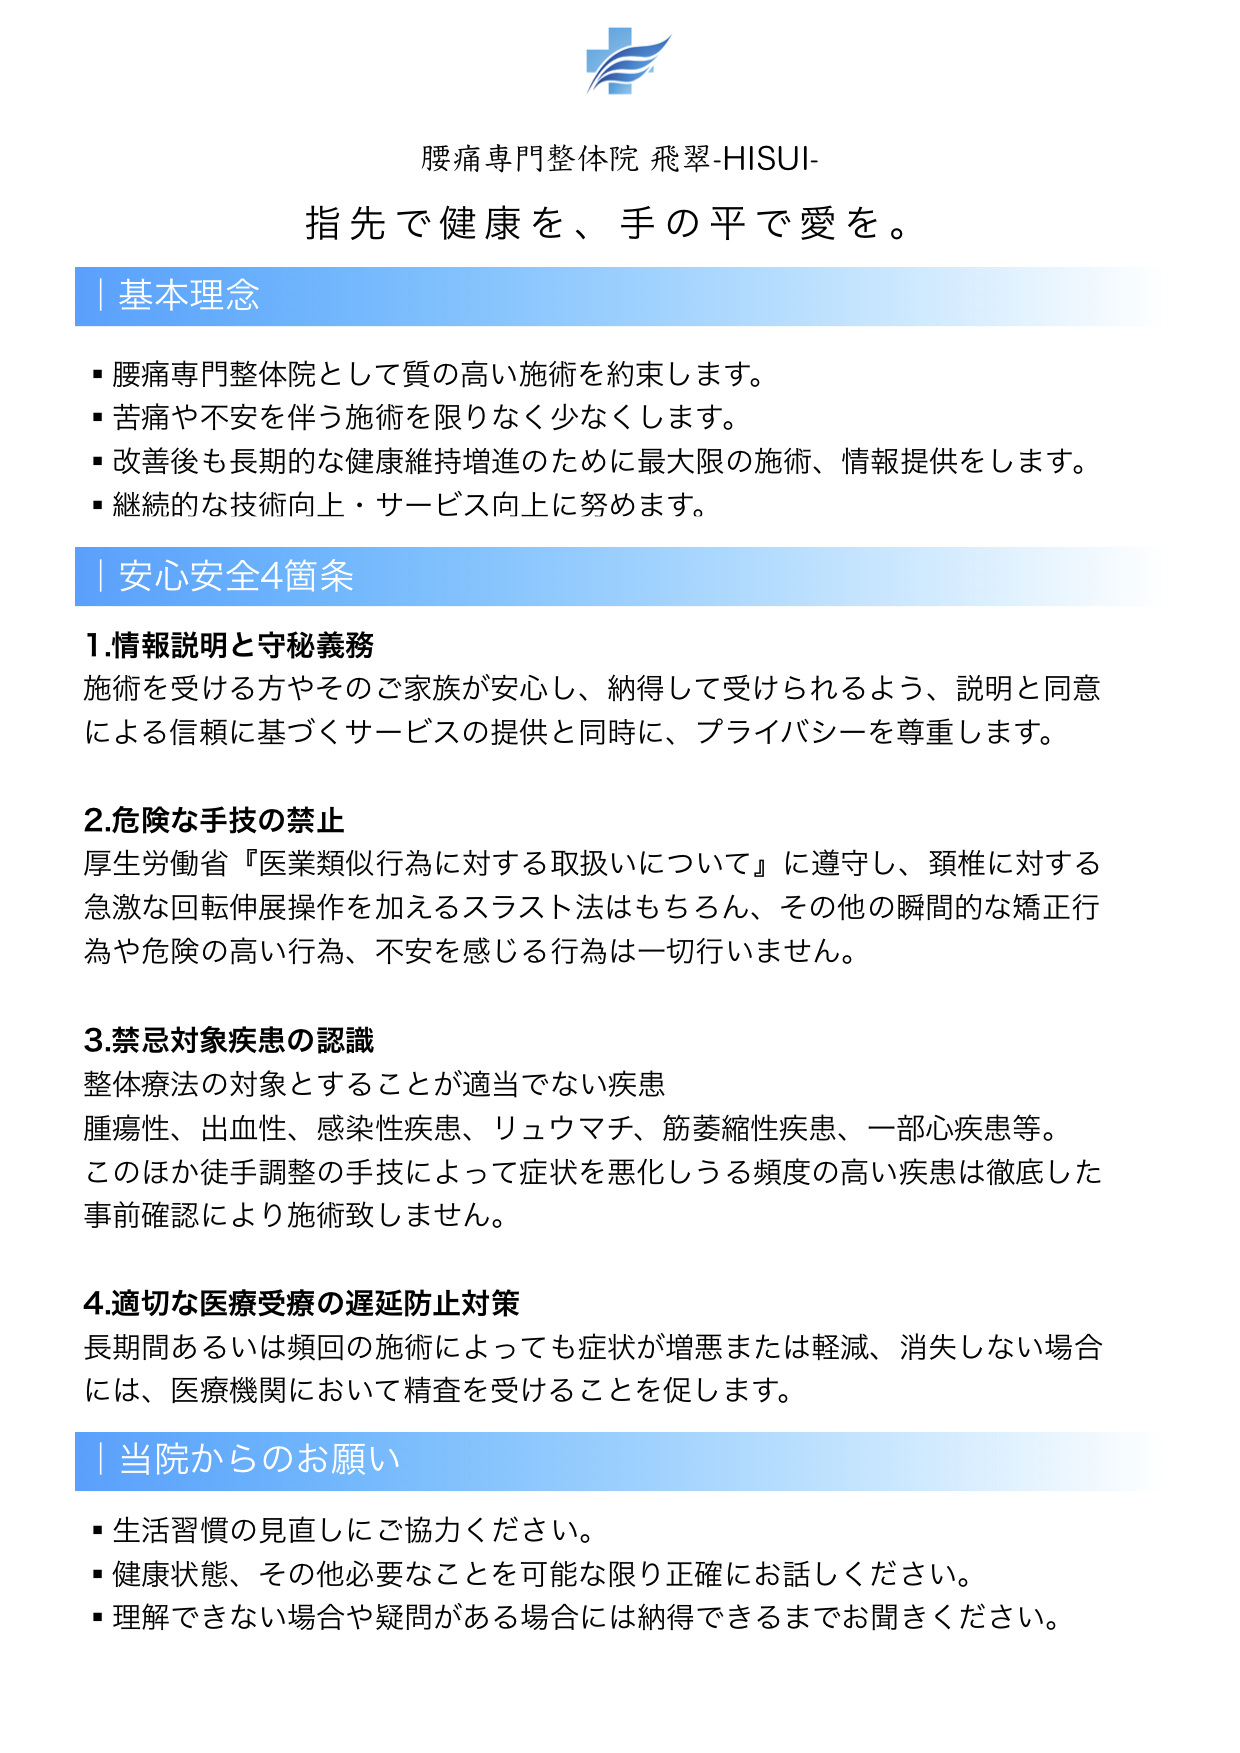 整体院 飛翠-HISUI- 経営理念